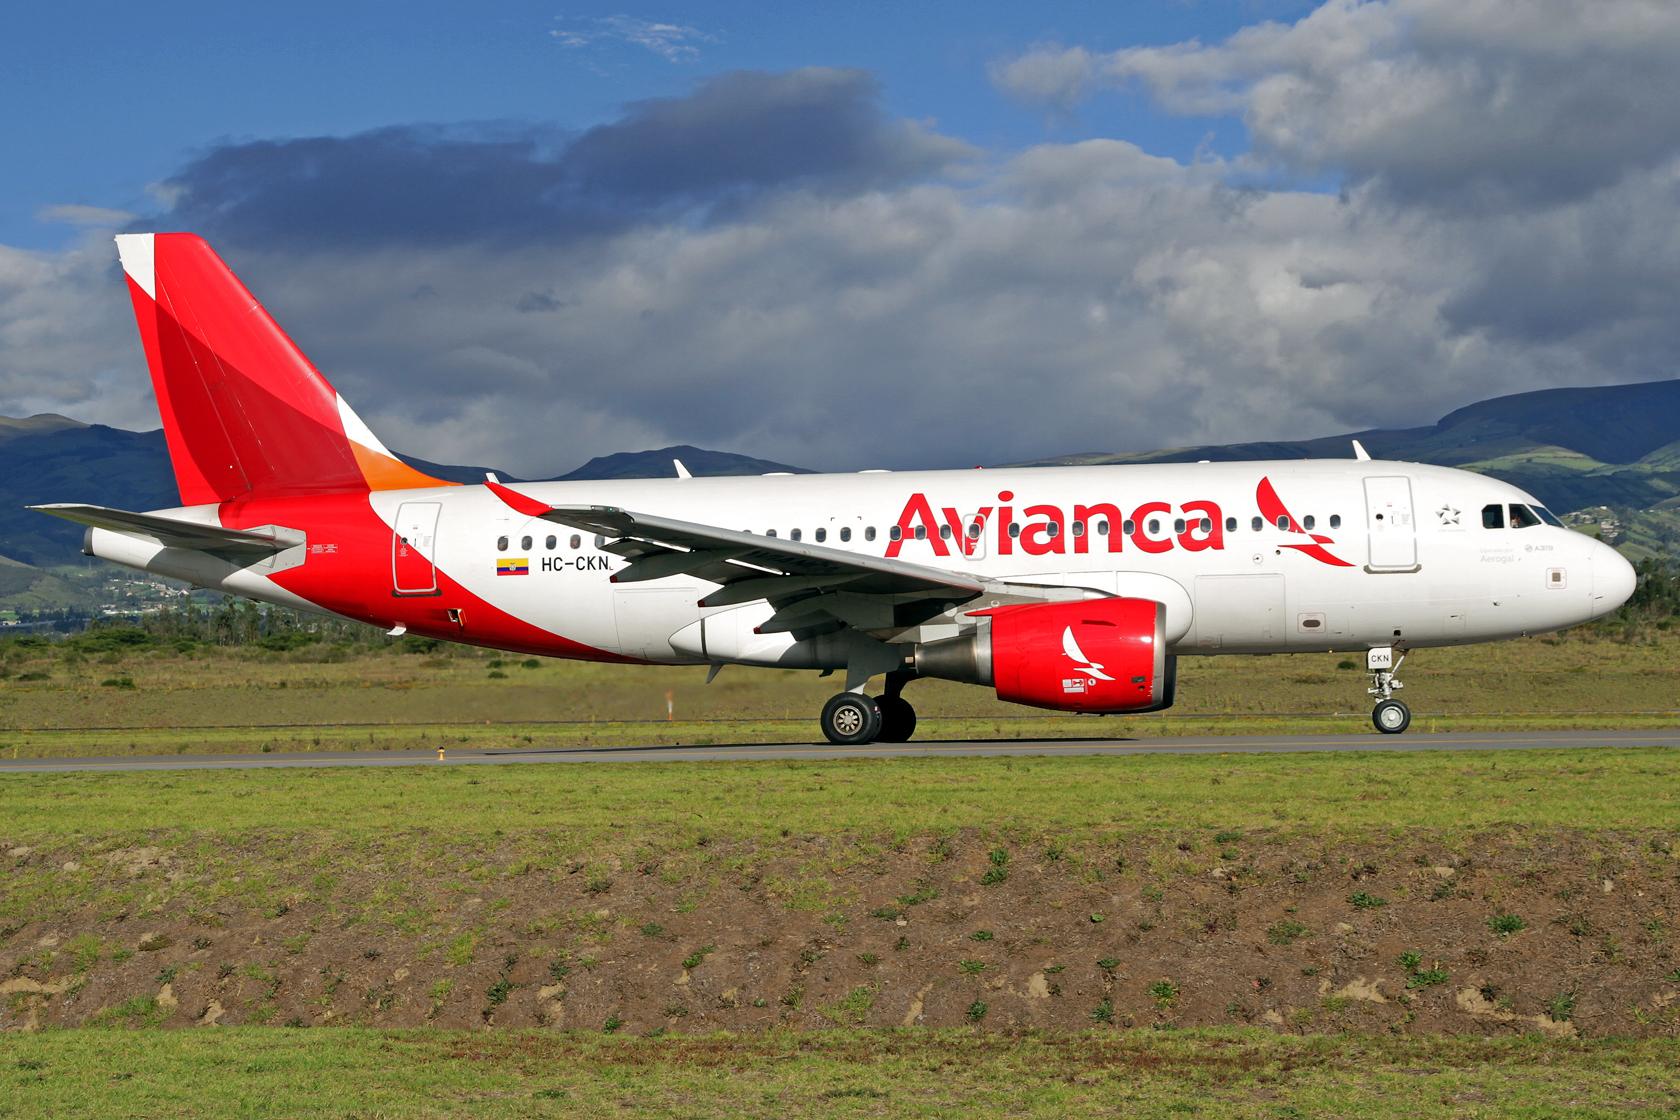 Avianca Ecuador Airbus A319-112 HC-CKN